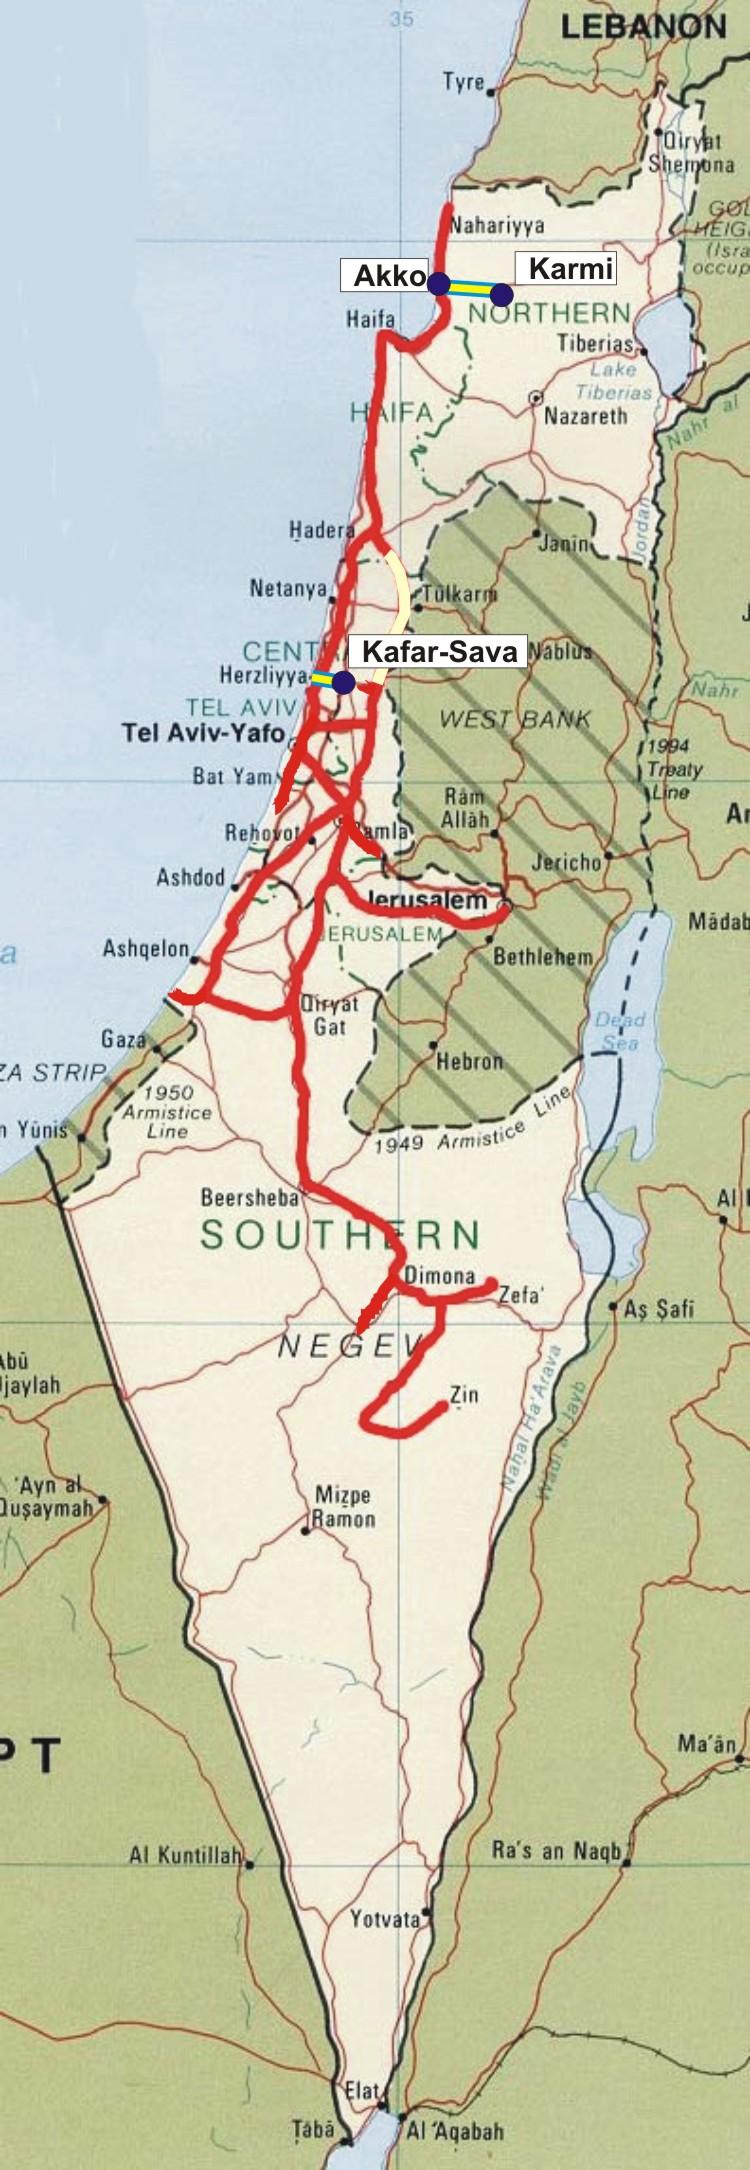 Mapa de la red ferroviaria israelí, con los nuevos tramos que serán electrificados, al norte y en el centro, junto a la capital Tel Aviv. Edición Vía Libre.